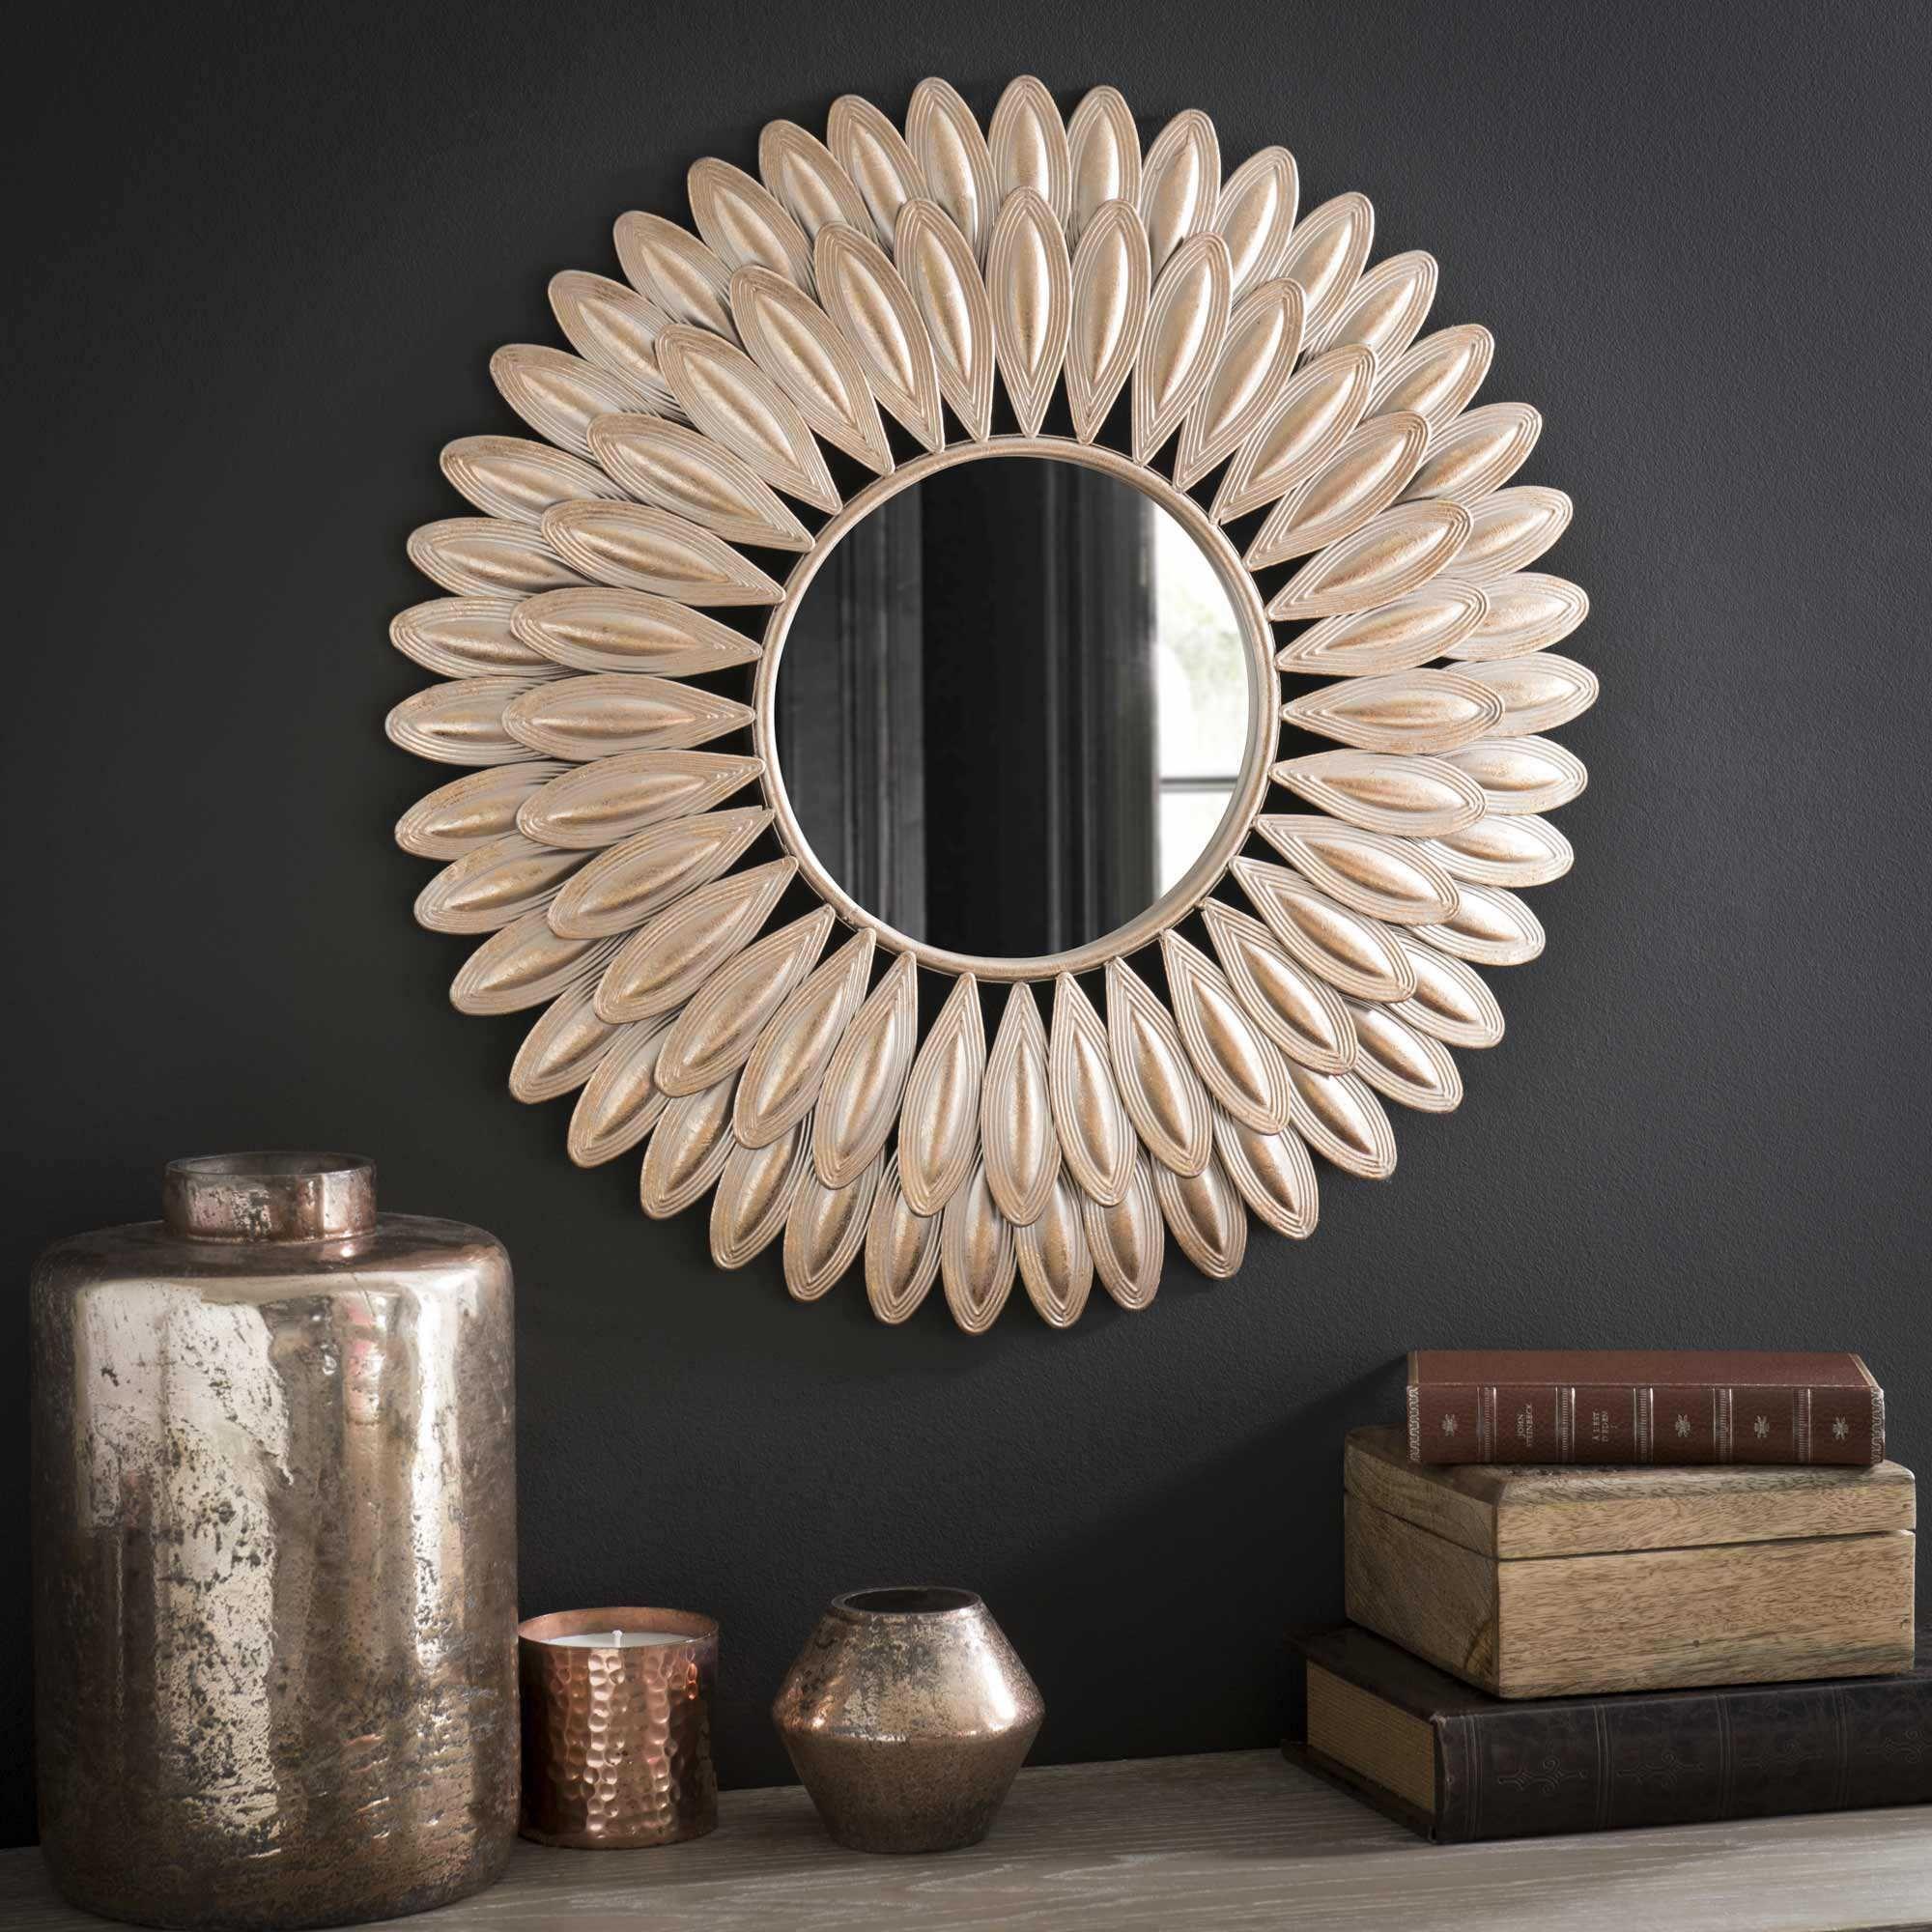 d coration maison deco d coration maison miroir. Black Bedroom Furniture Sets. Home Design Ideas